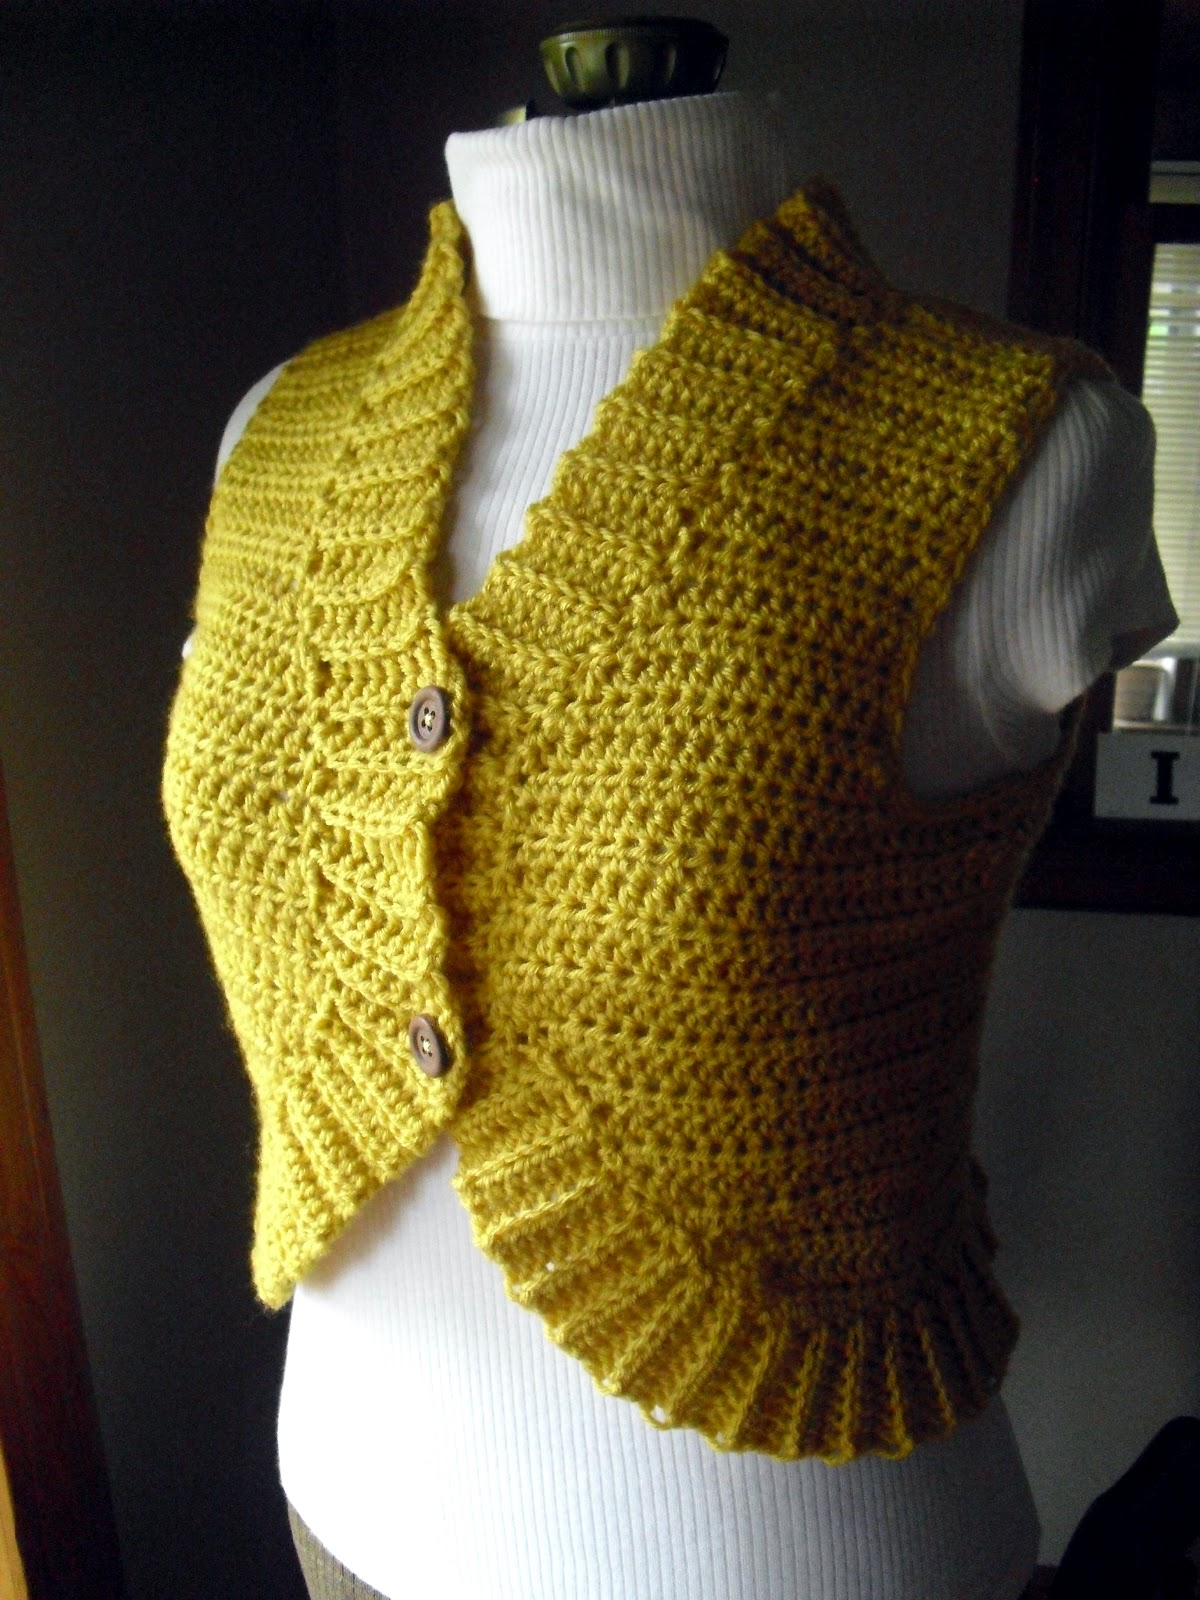 Crochet Vest : LazyTcrochet: New Crochet Vest or Bolero